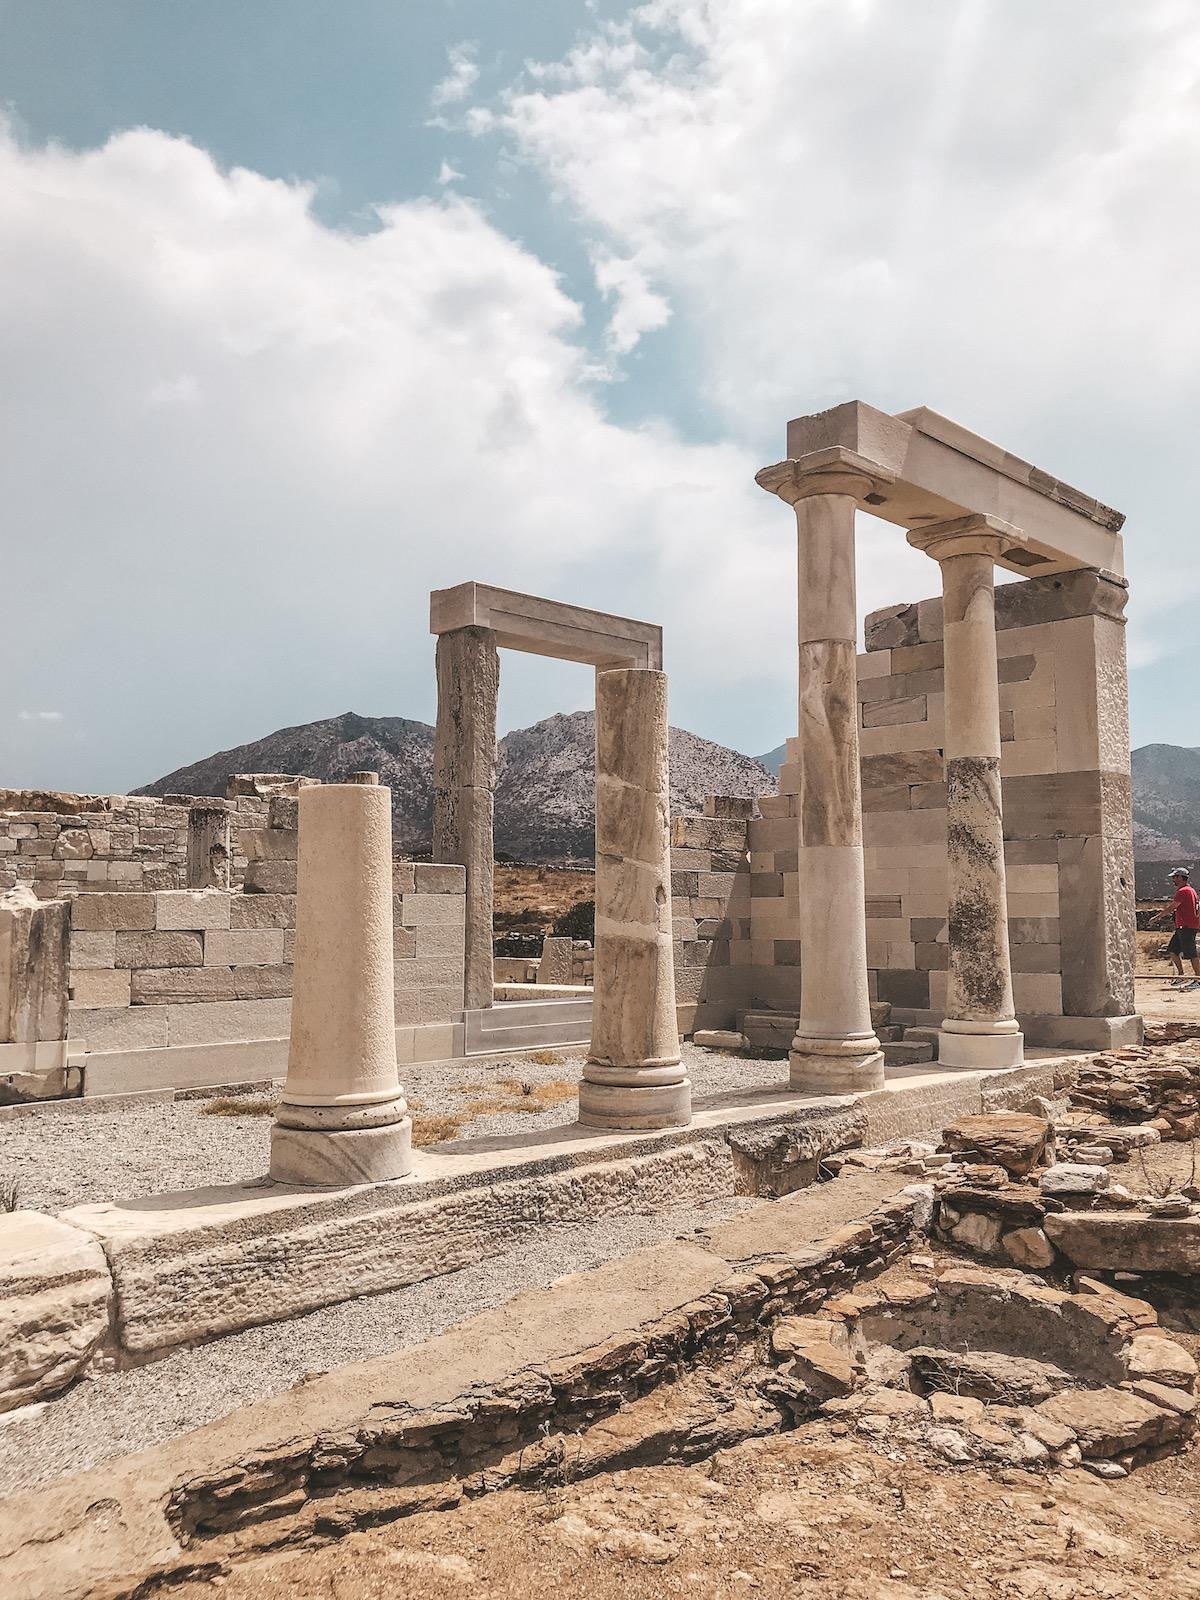 Naxos Travel Diary Reise Tipps Schönste Orte Schönste Strände der Insel Ano Sagri Dorf Demeter Tempel